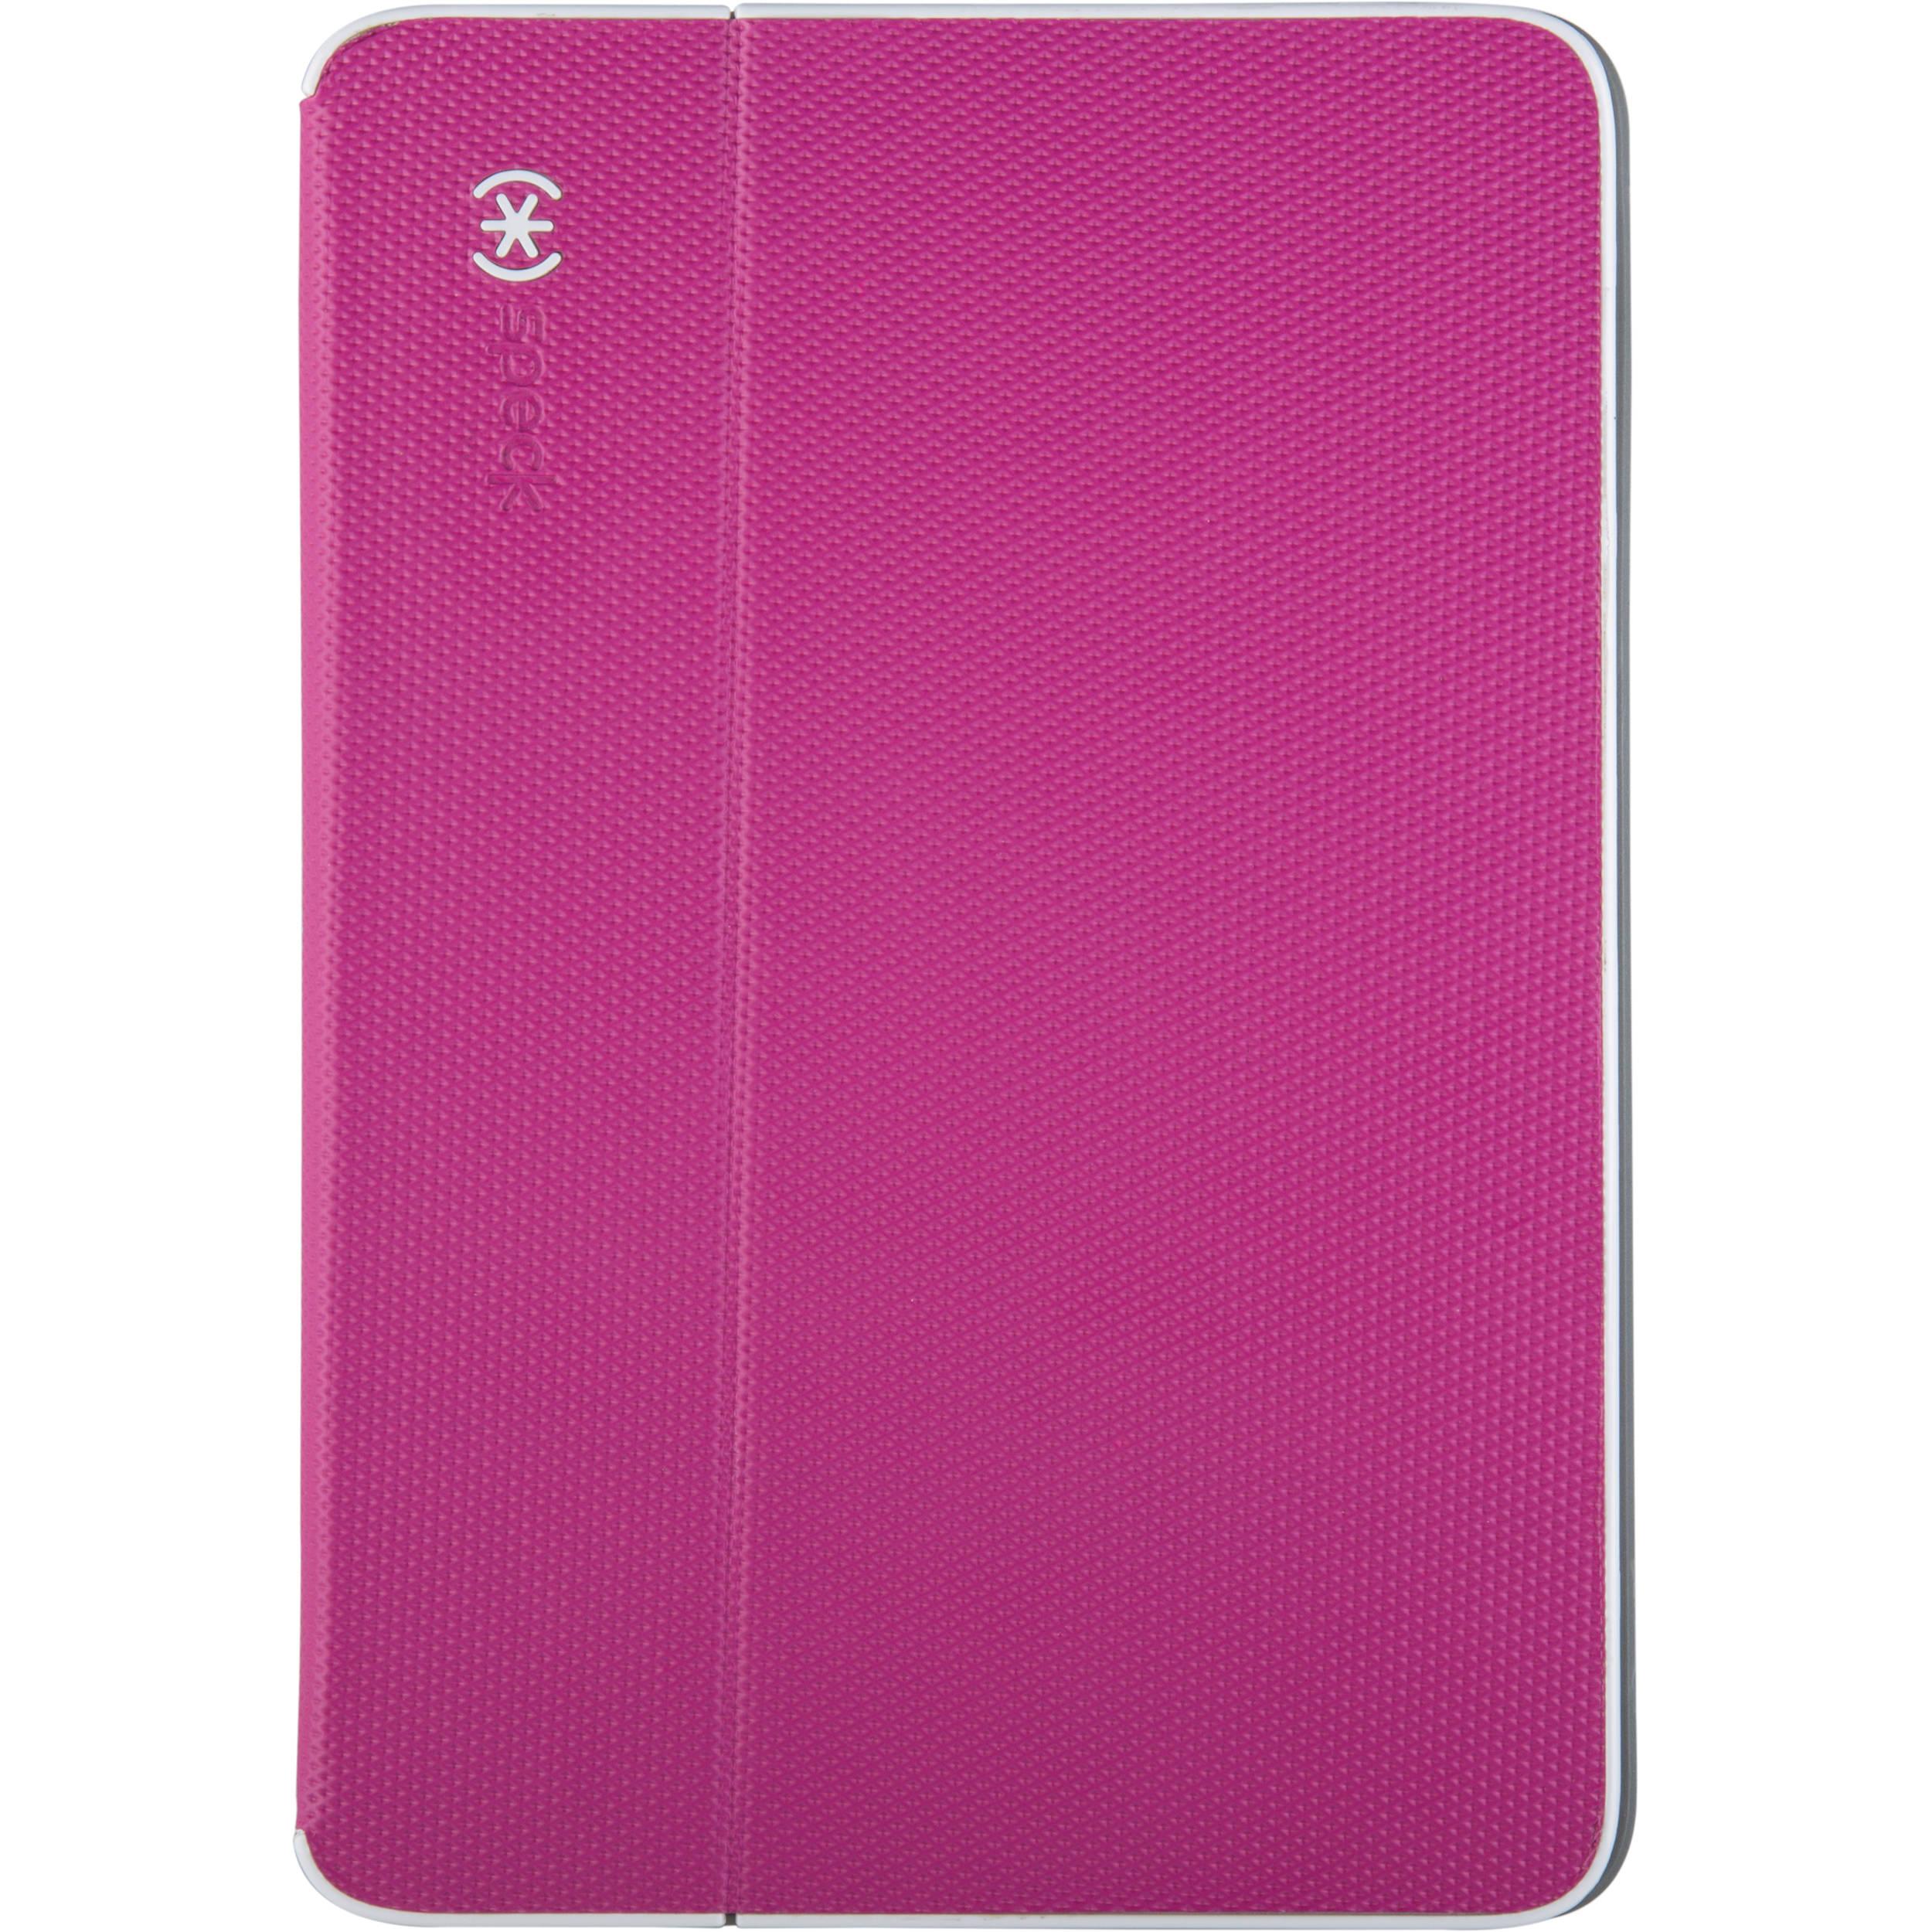 new products 57cc8 ff140 Speck DuraFolio Case for iPad mini 1/2/3 (Fuchsia Pink/White)